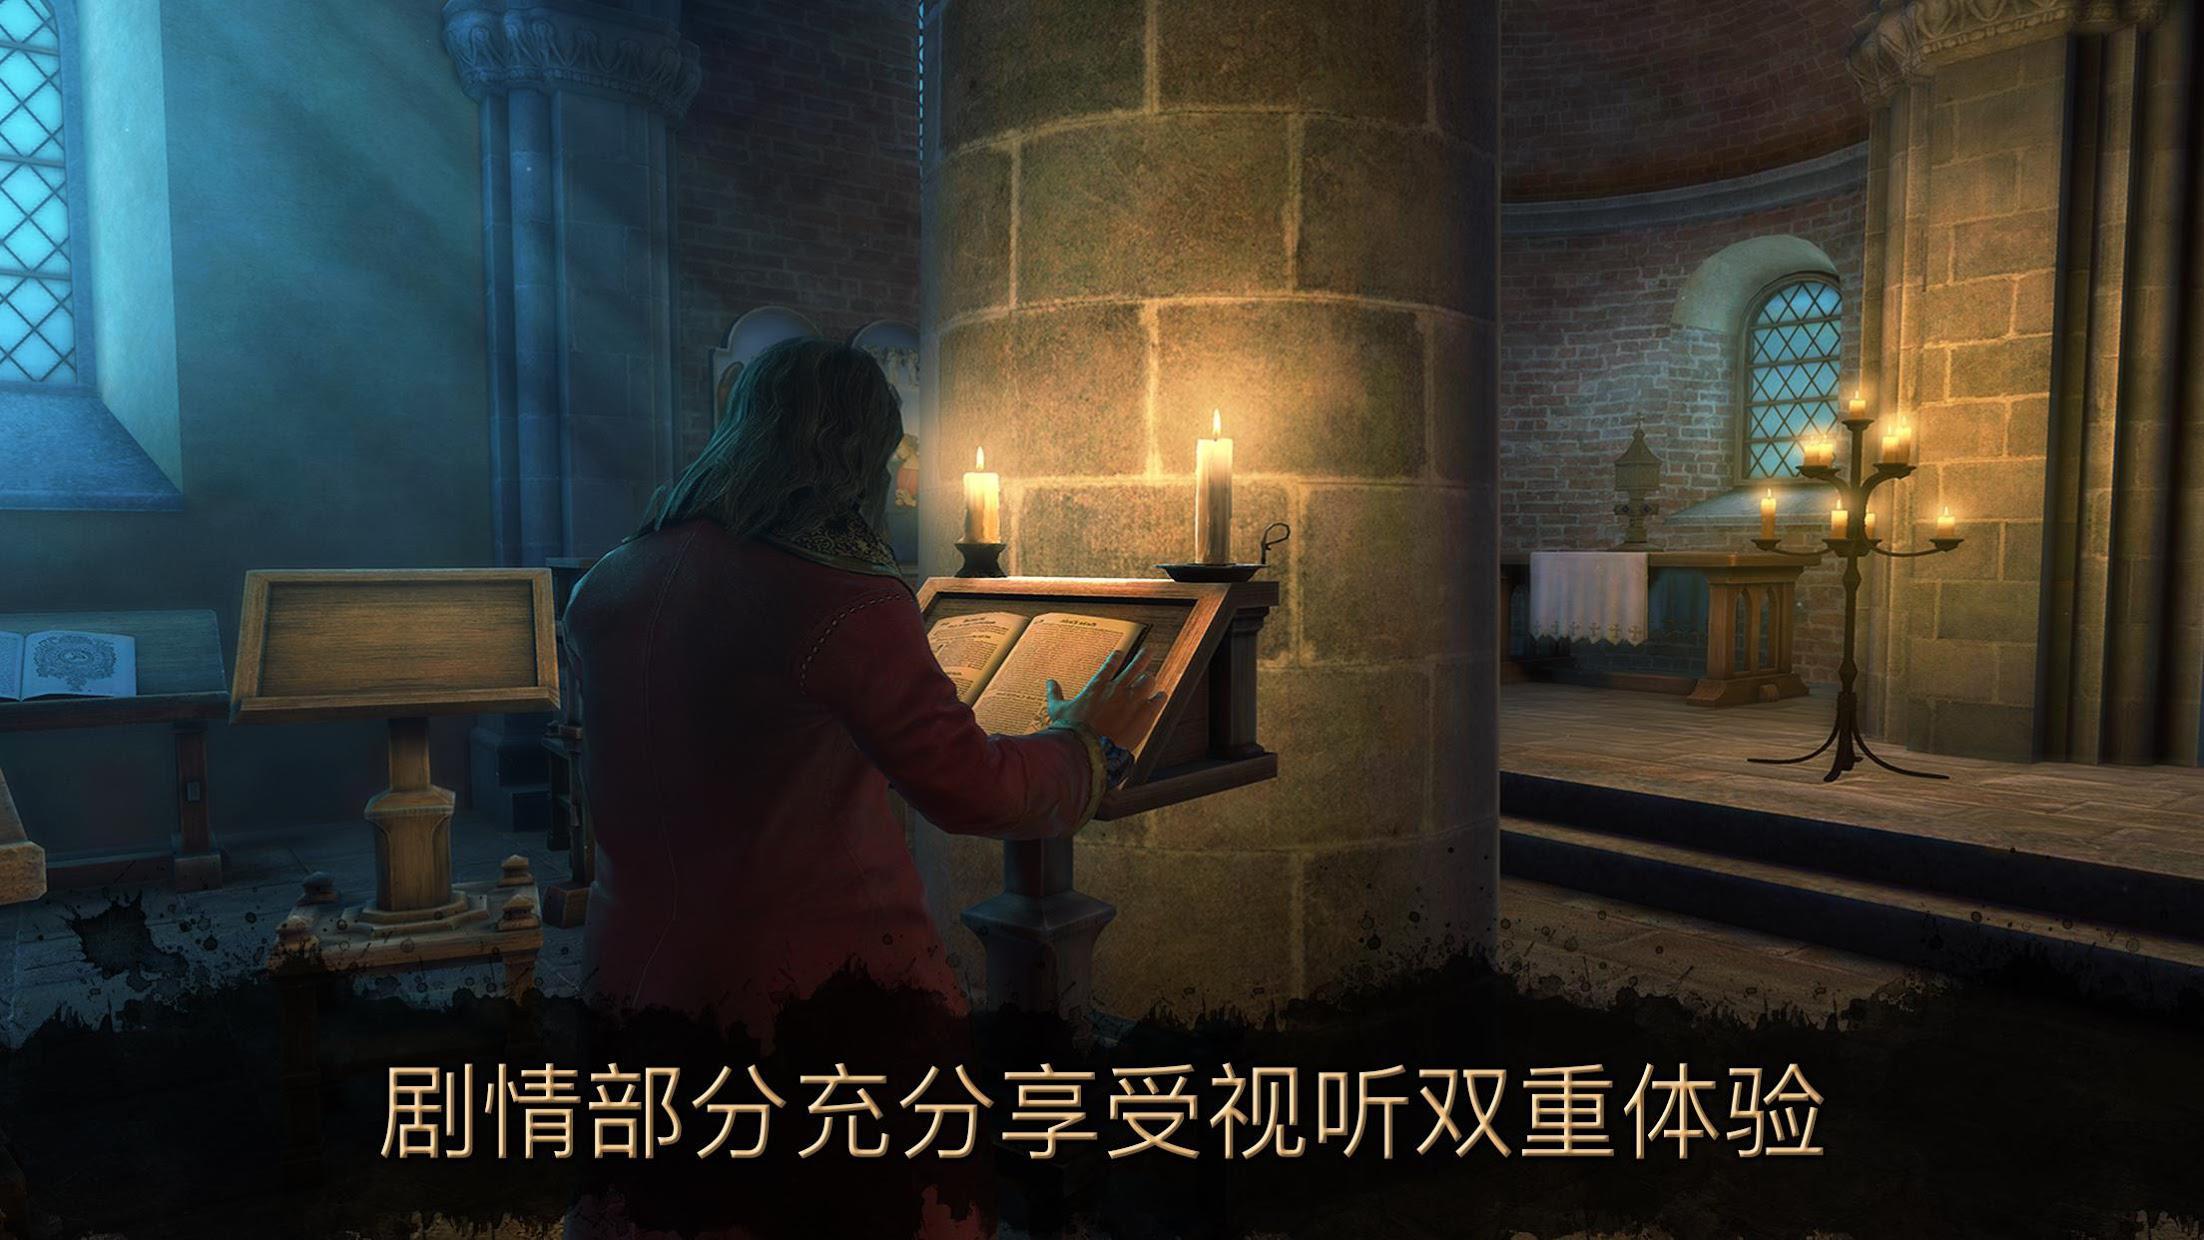 达芬奇密室2(海外版) 游戏截图2